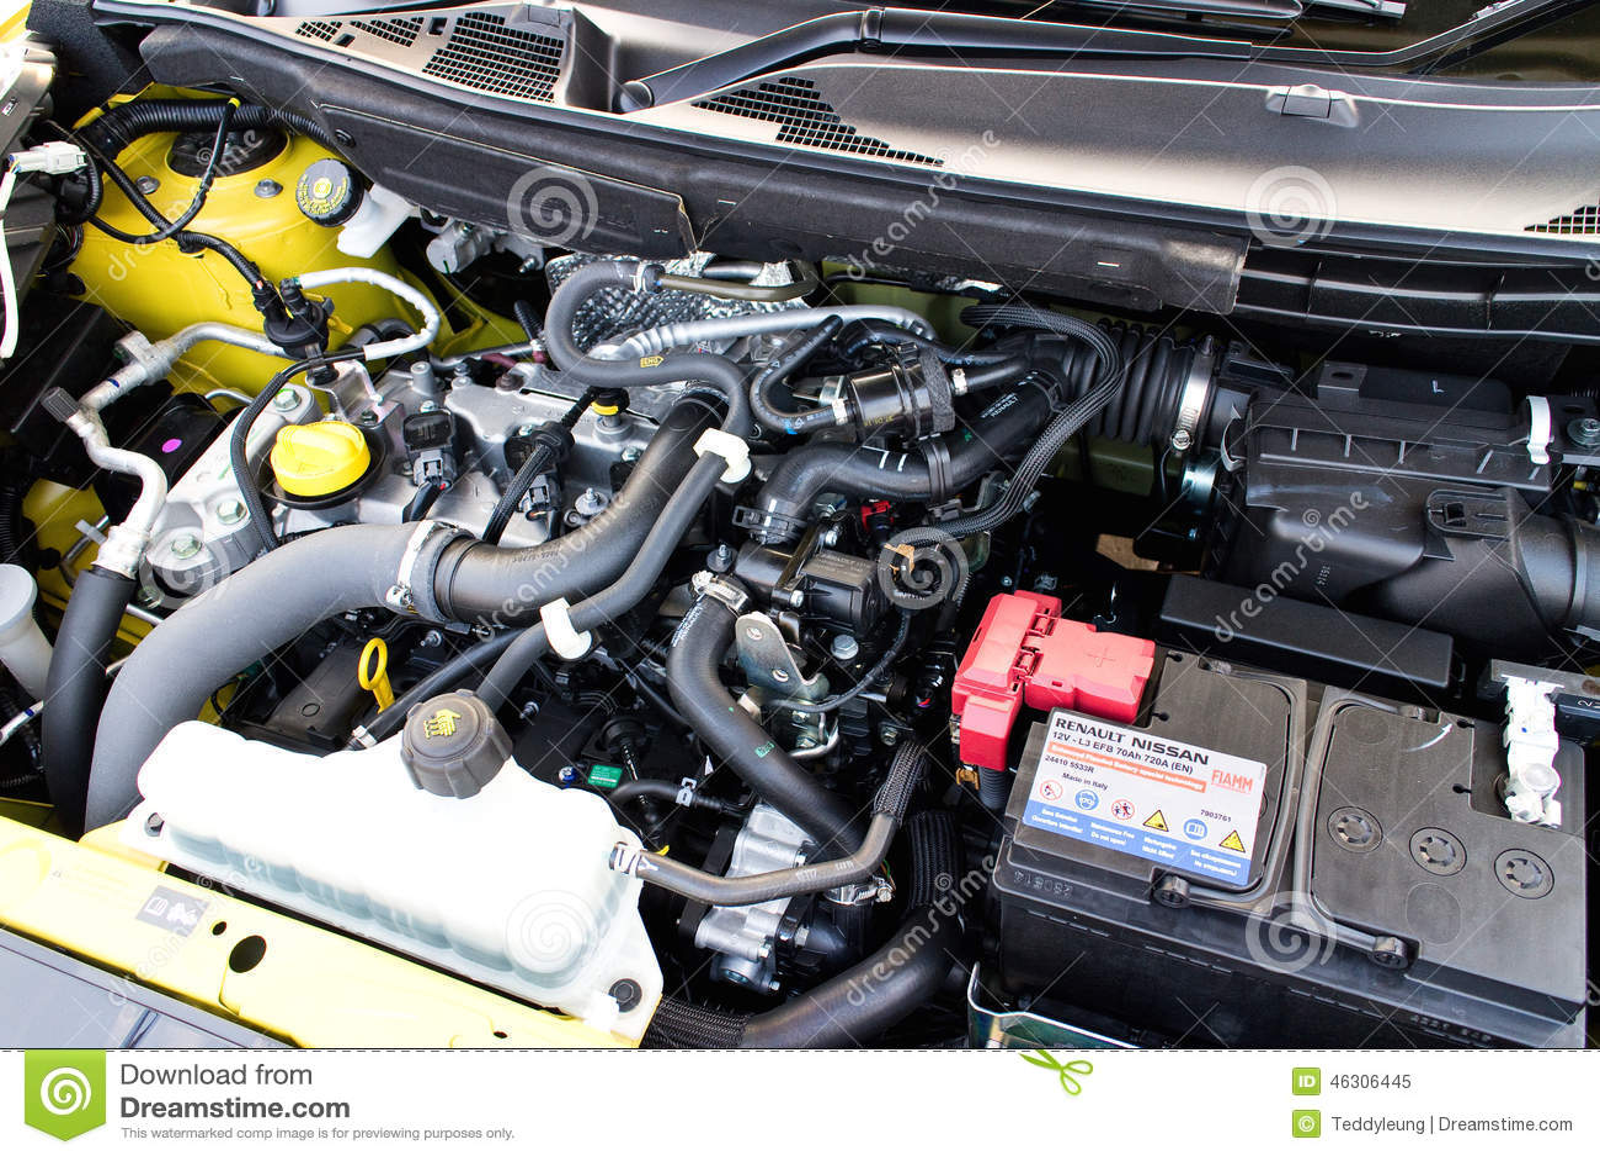 Nissan Juke 1 2 Dig Turbo 2014 Engine Editorial Image